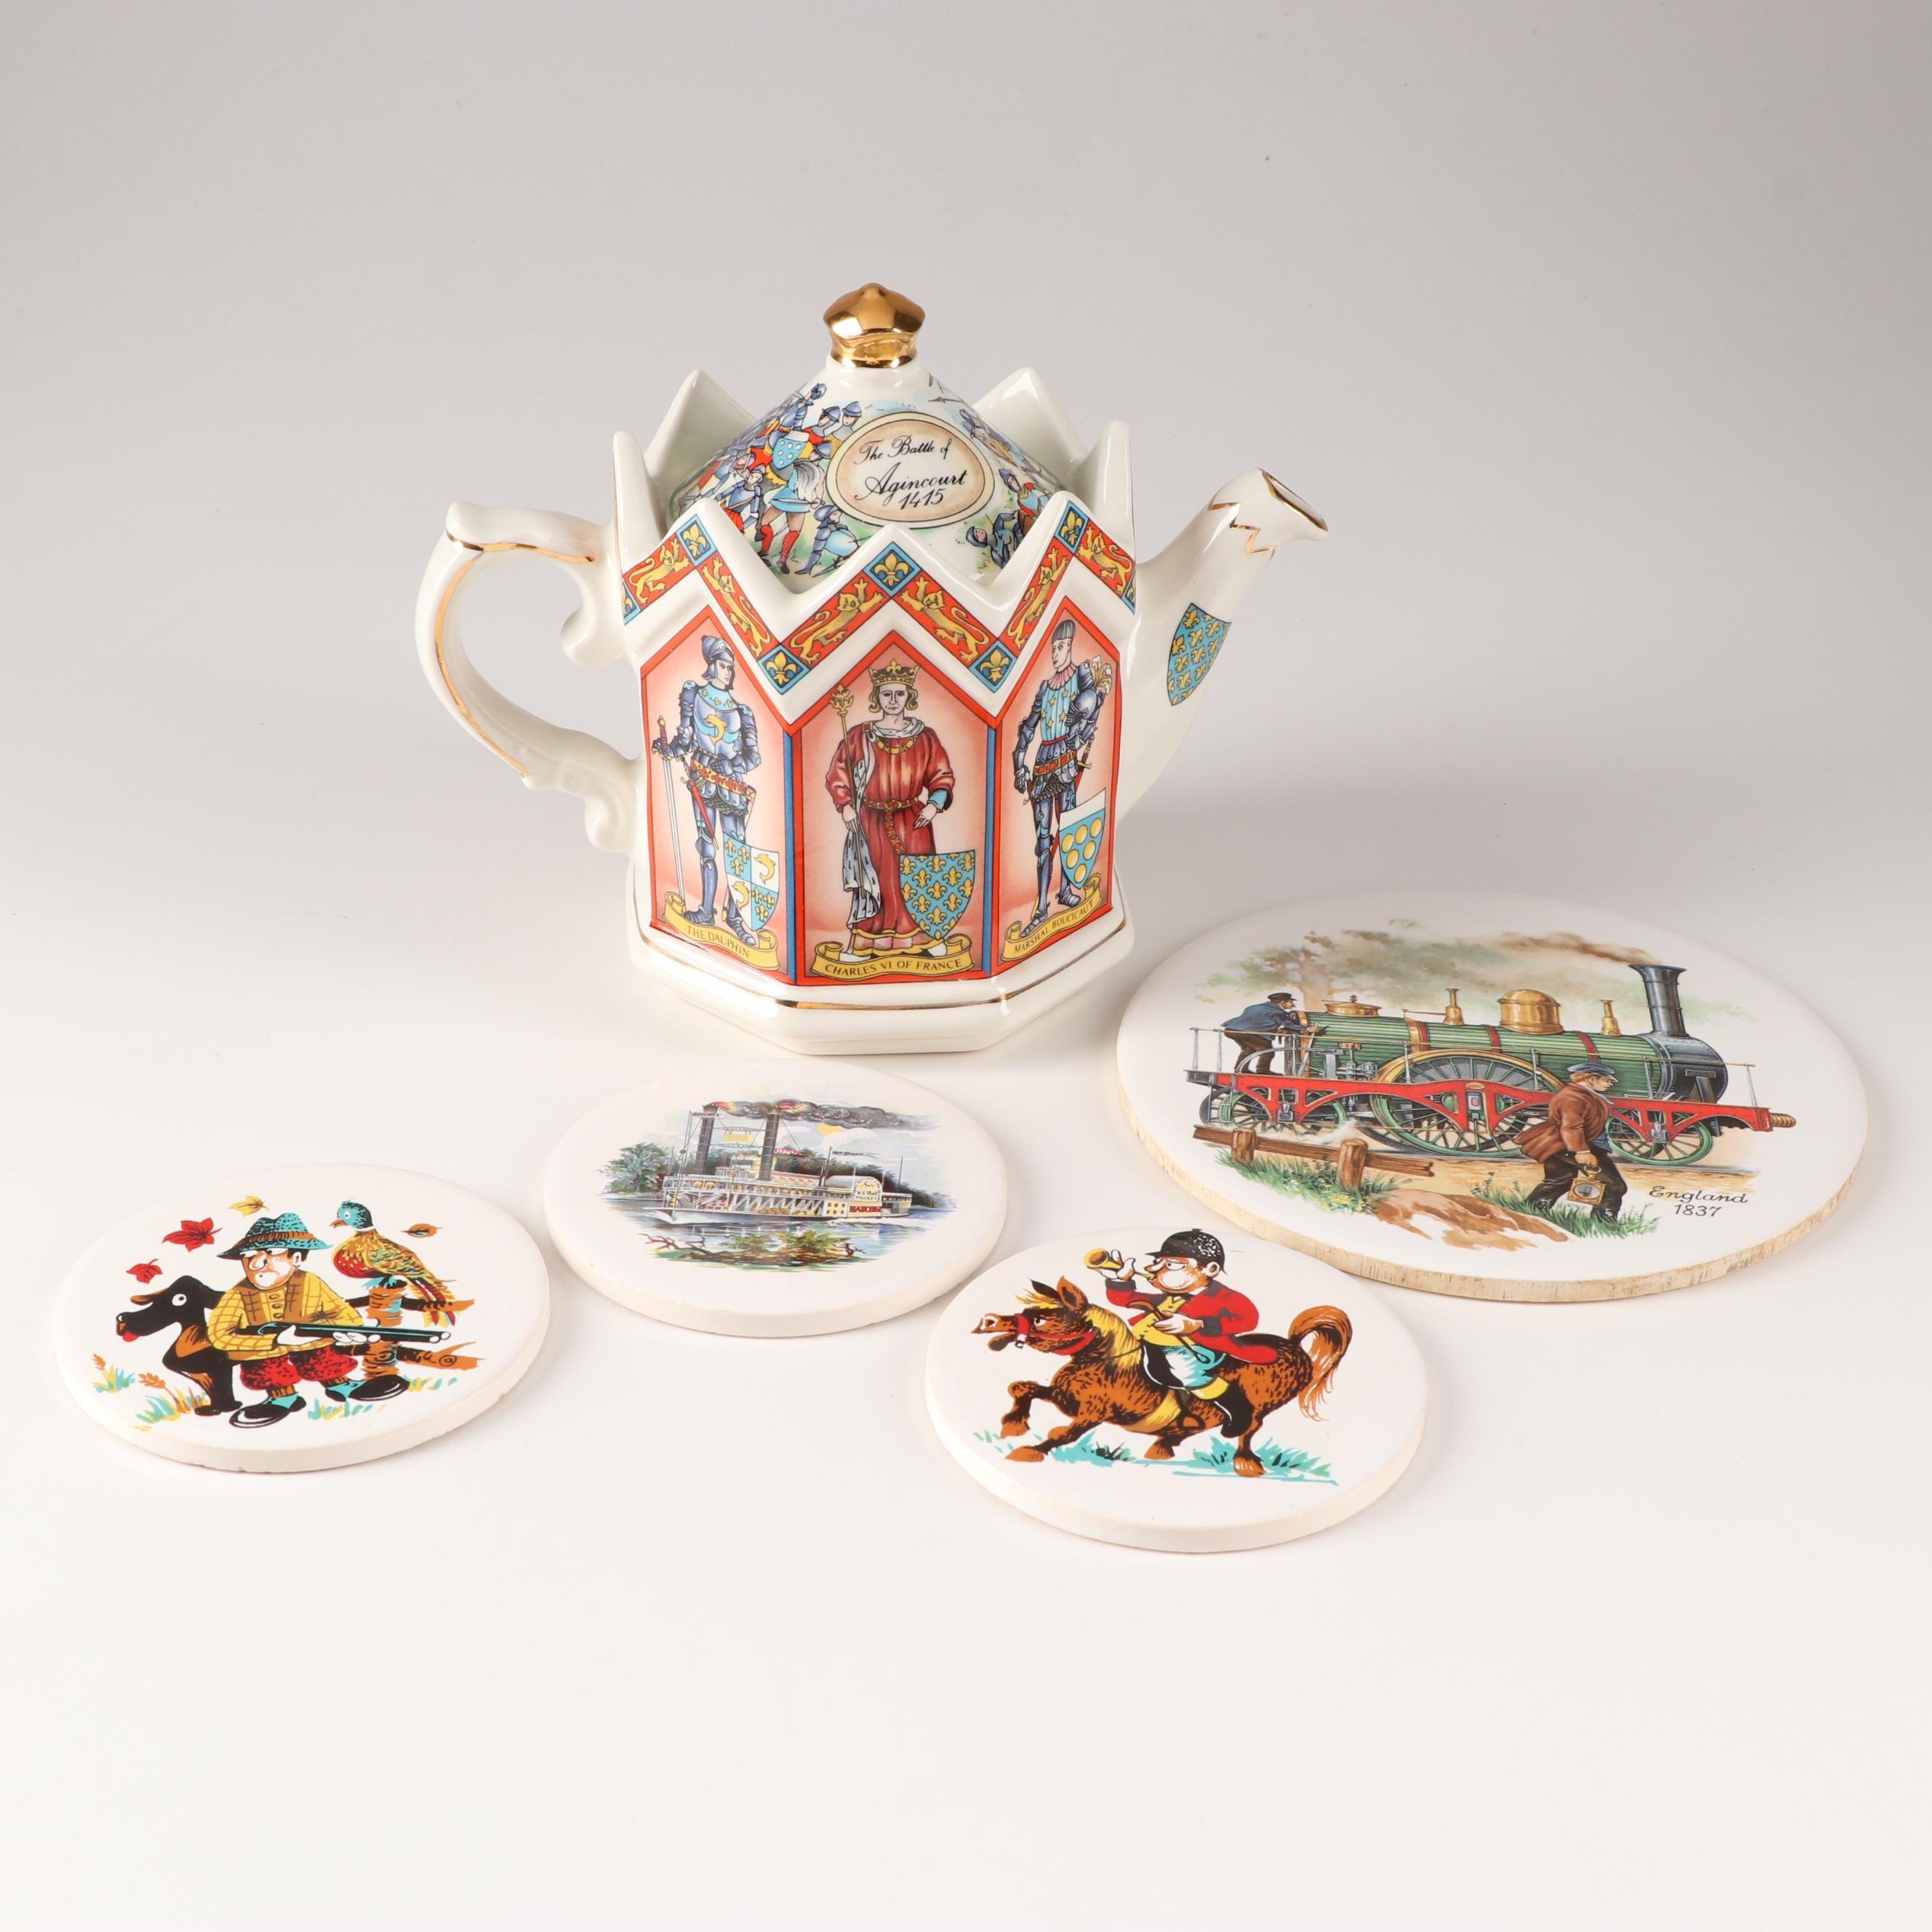 English Ceramic Tea Pot and Coasters